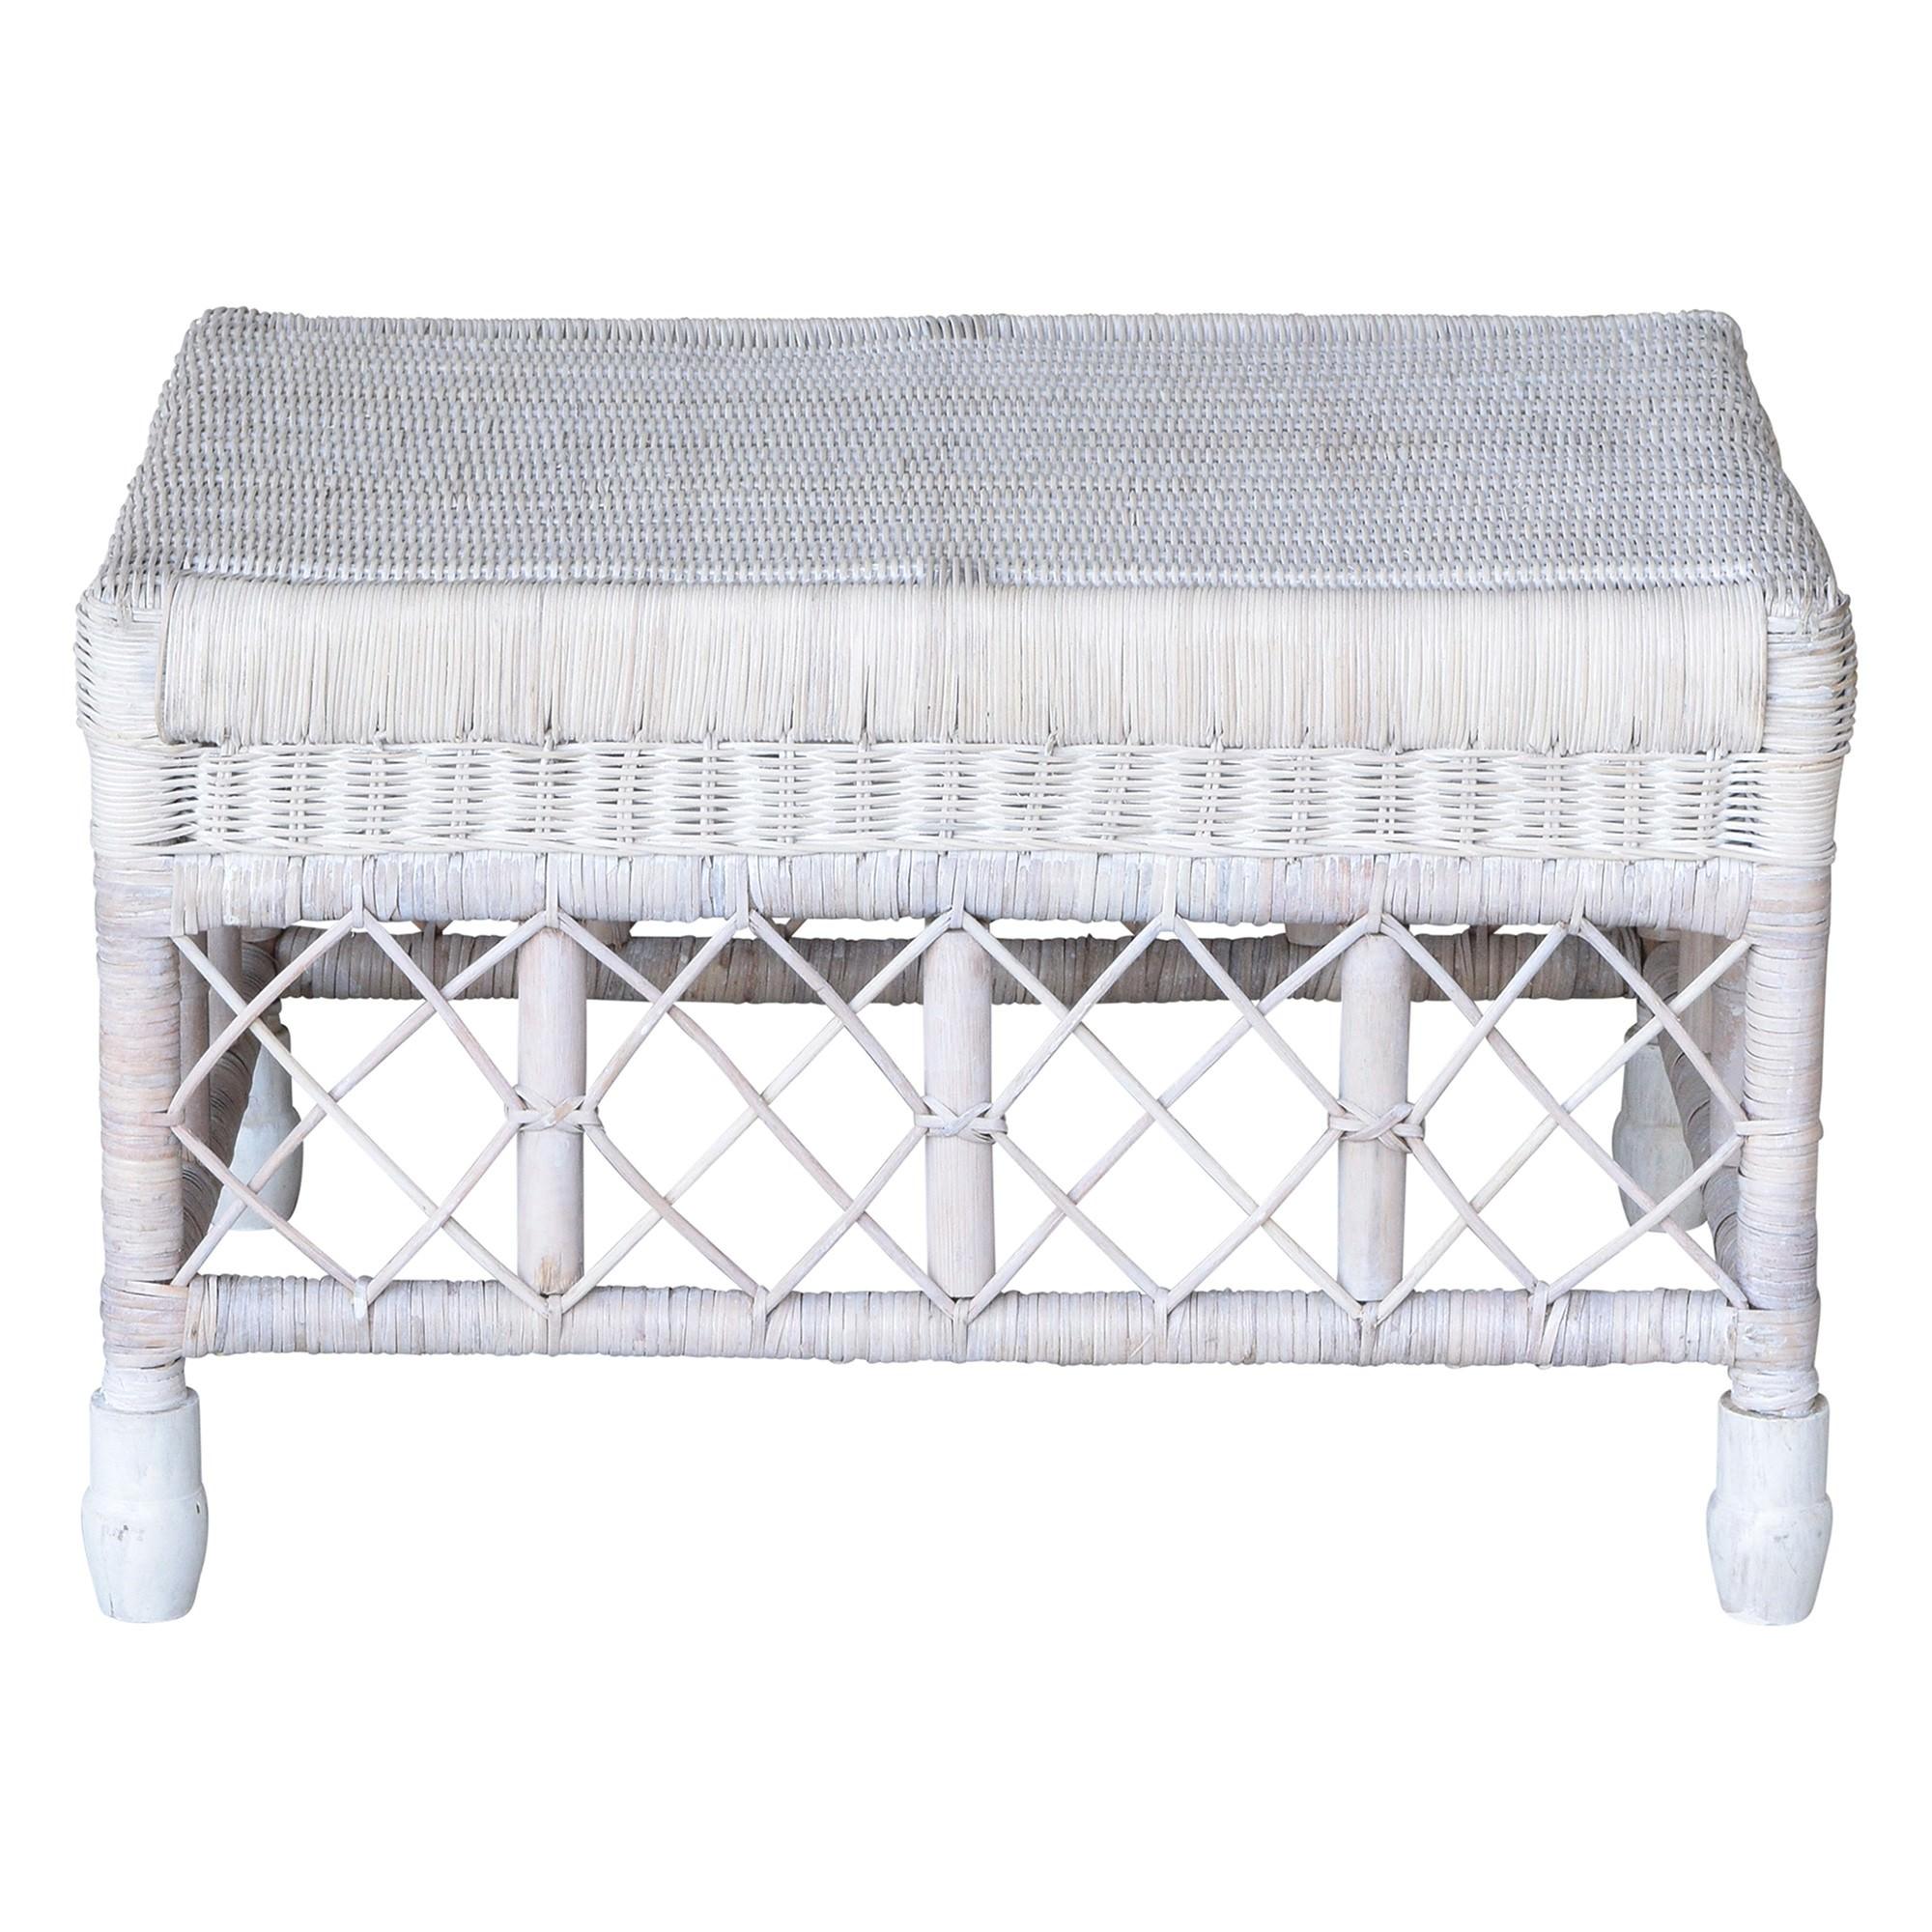 Savannah Lattice Rattan Ottoman / Footstool, White Wash